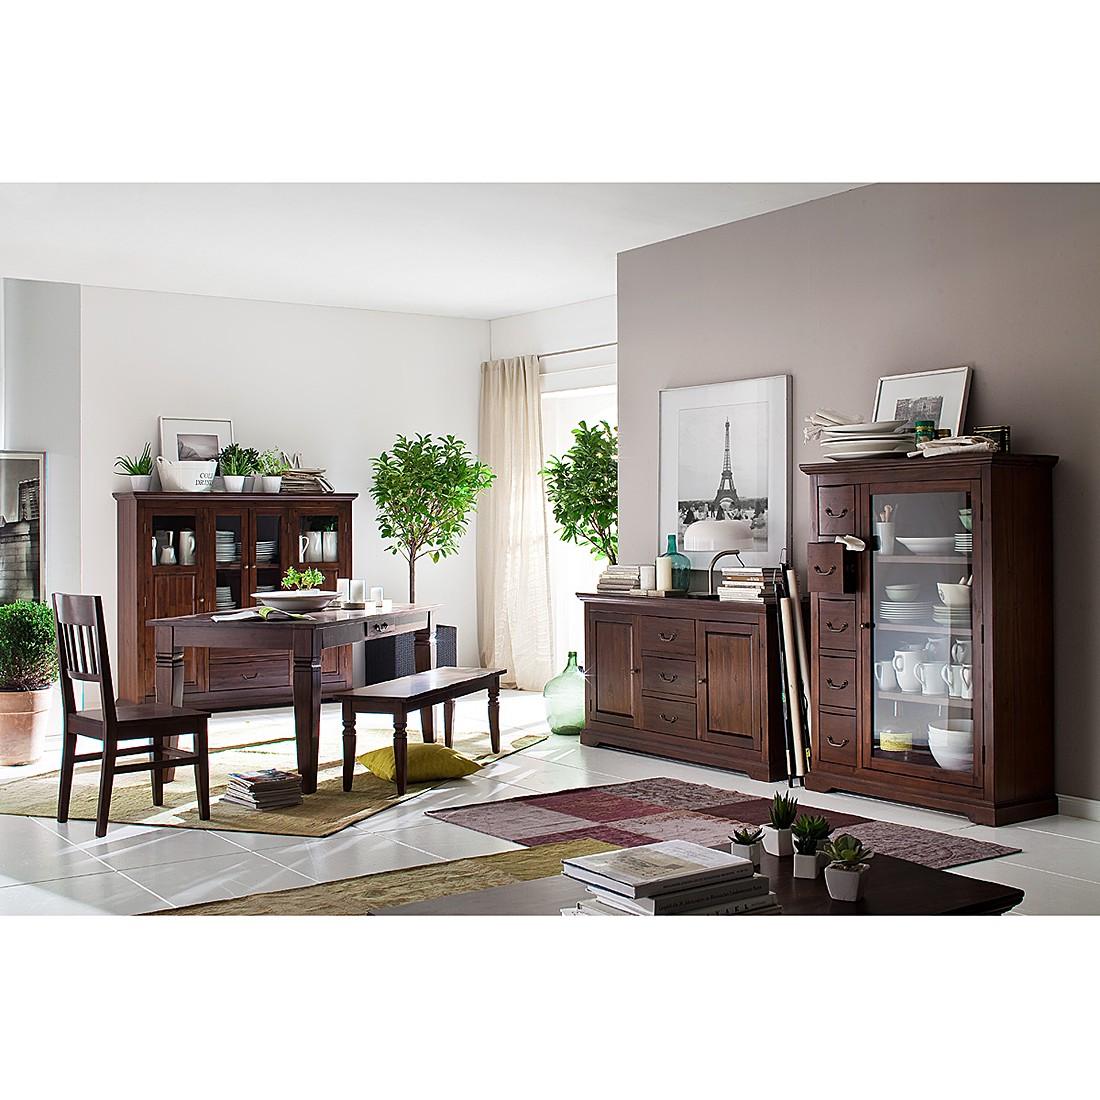 Massivholztisch von Maison Belfort bei Home24 bestellen | home24